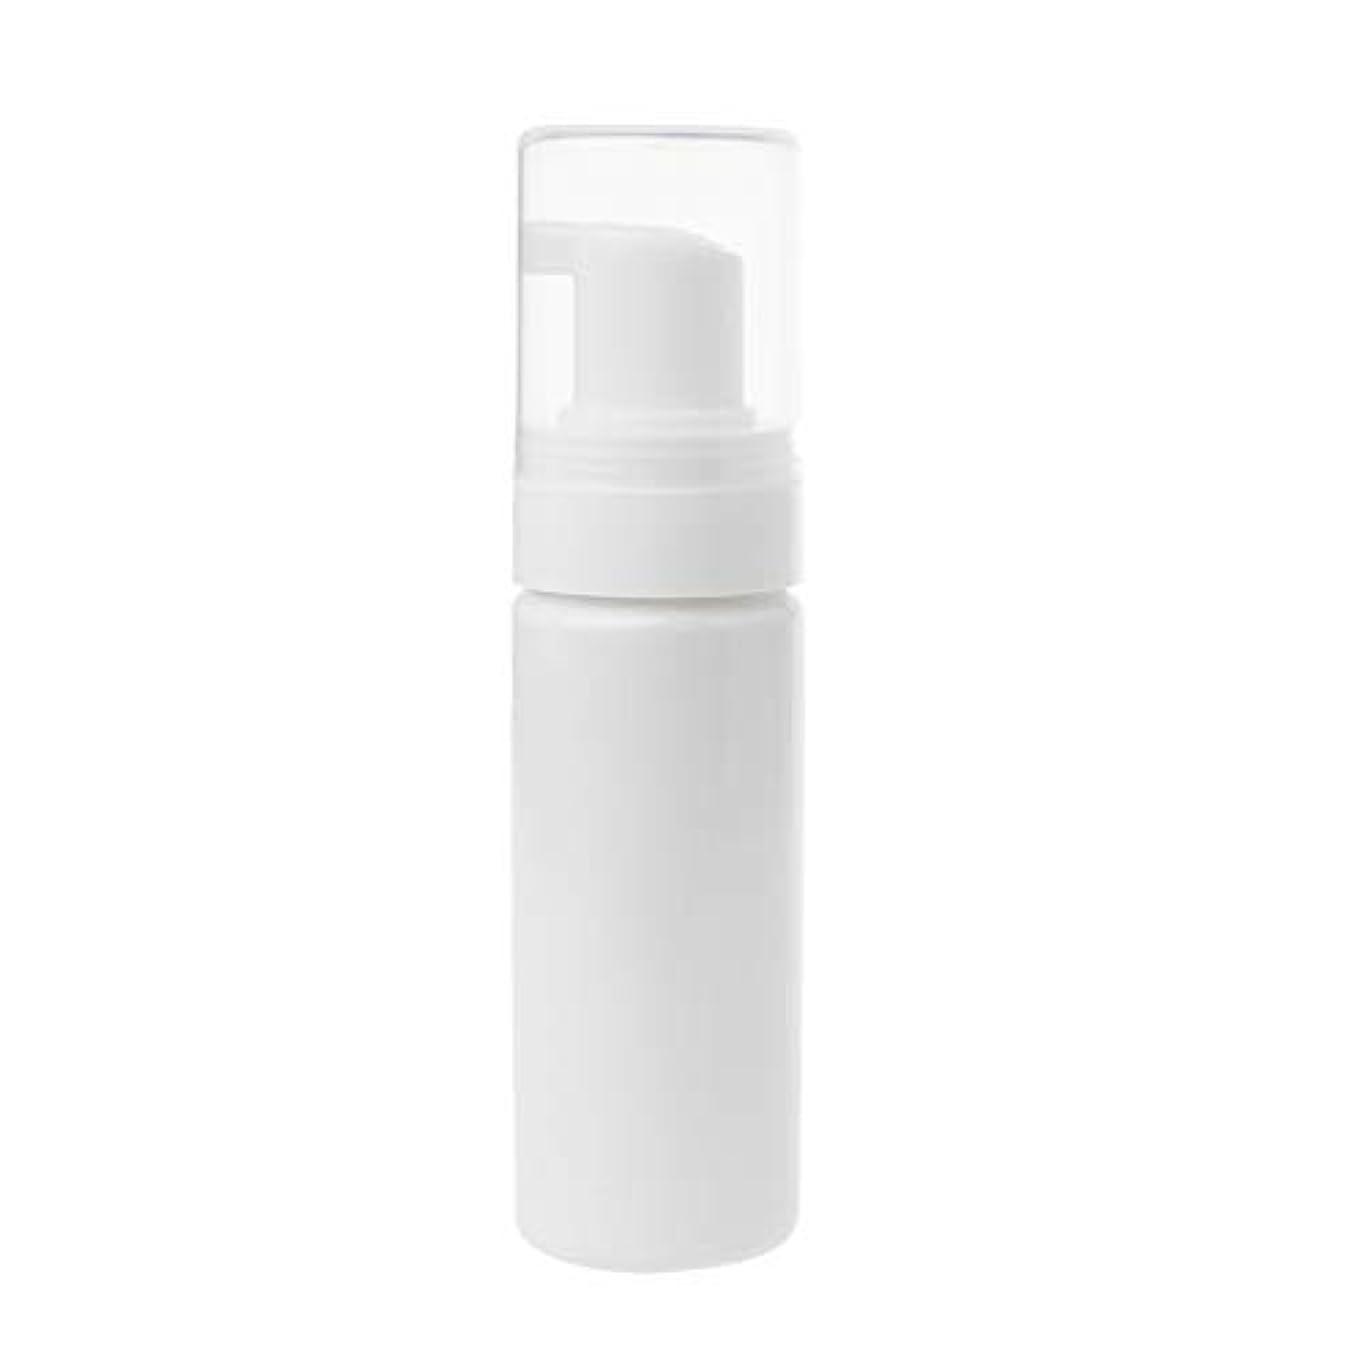 施設摂動電気的TOOGOO 1個50ml キャップ付き発泡ボトル泡ポンプせっけんムース液体ディスペンサー泡ボトルプラスチックシャンプーローションボトル(ホワイト)